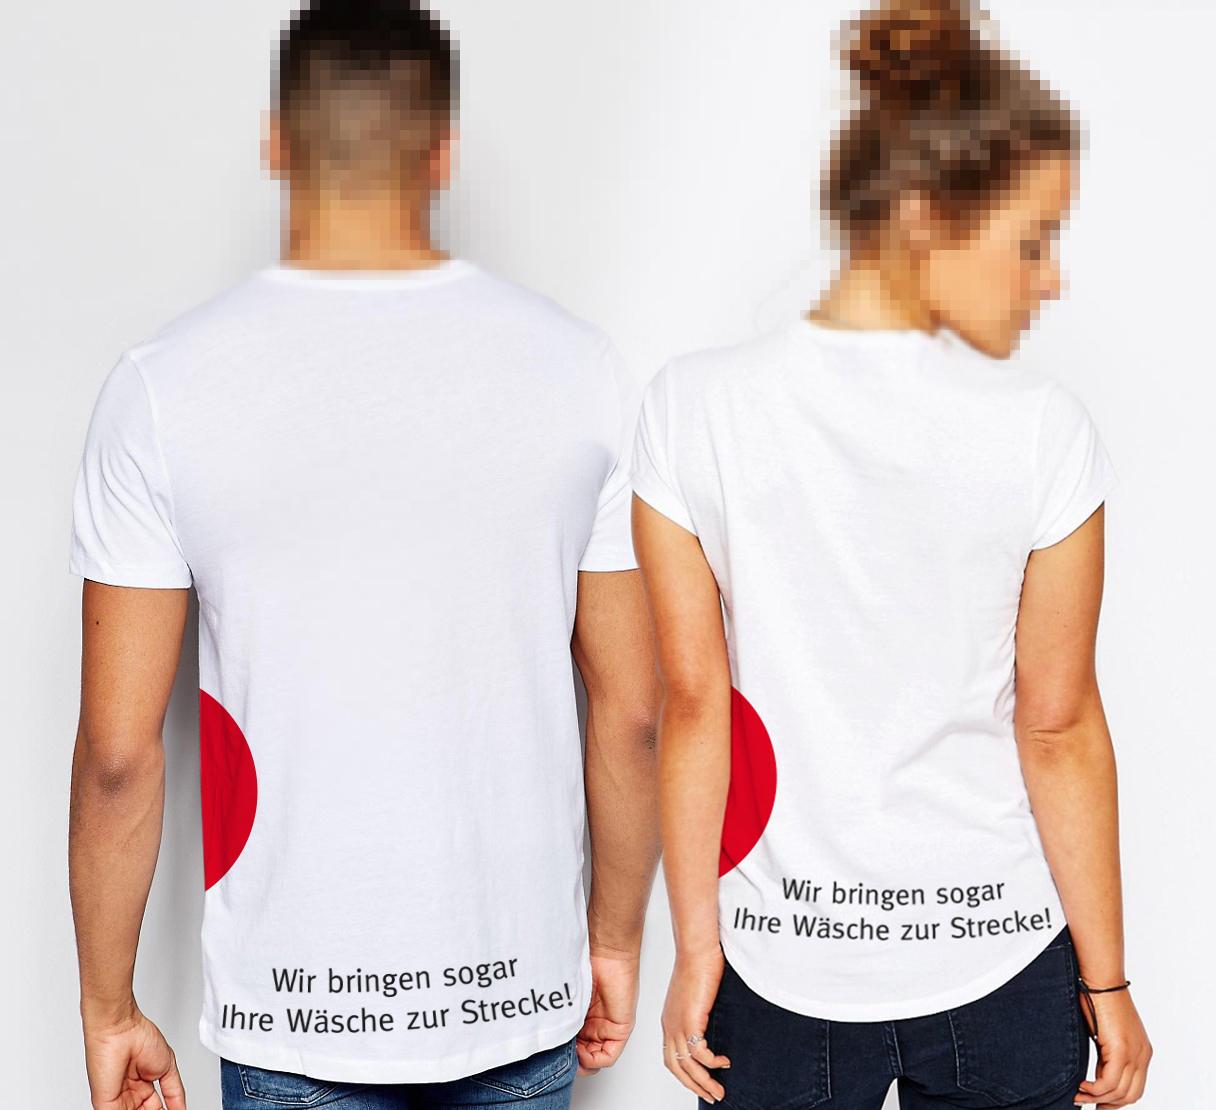 T-Shirts back